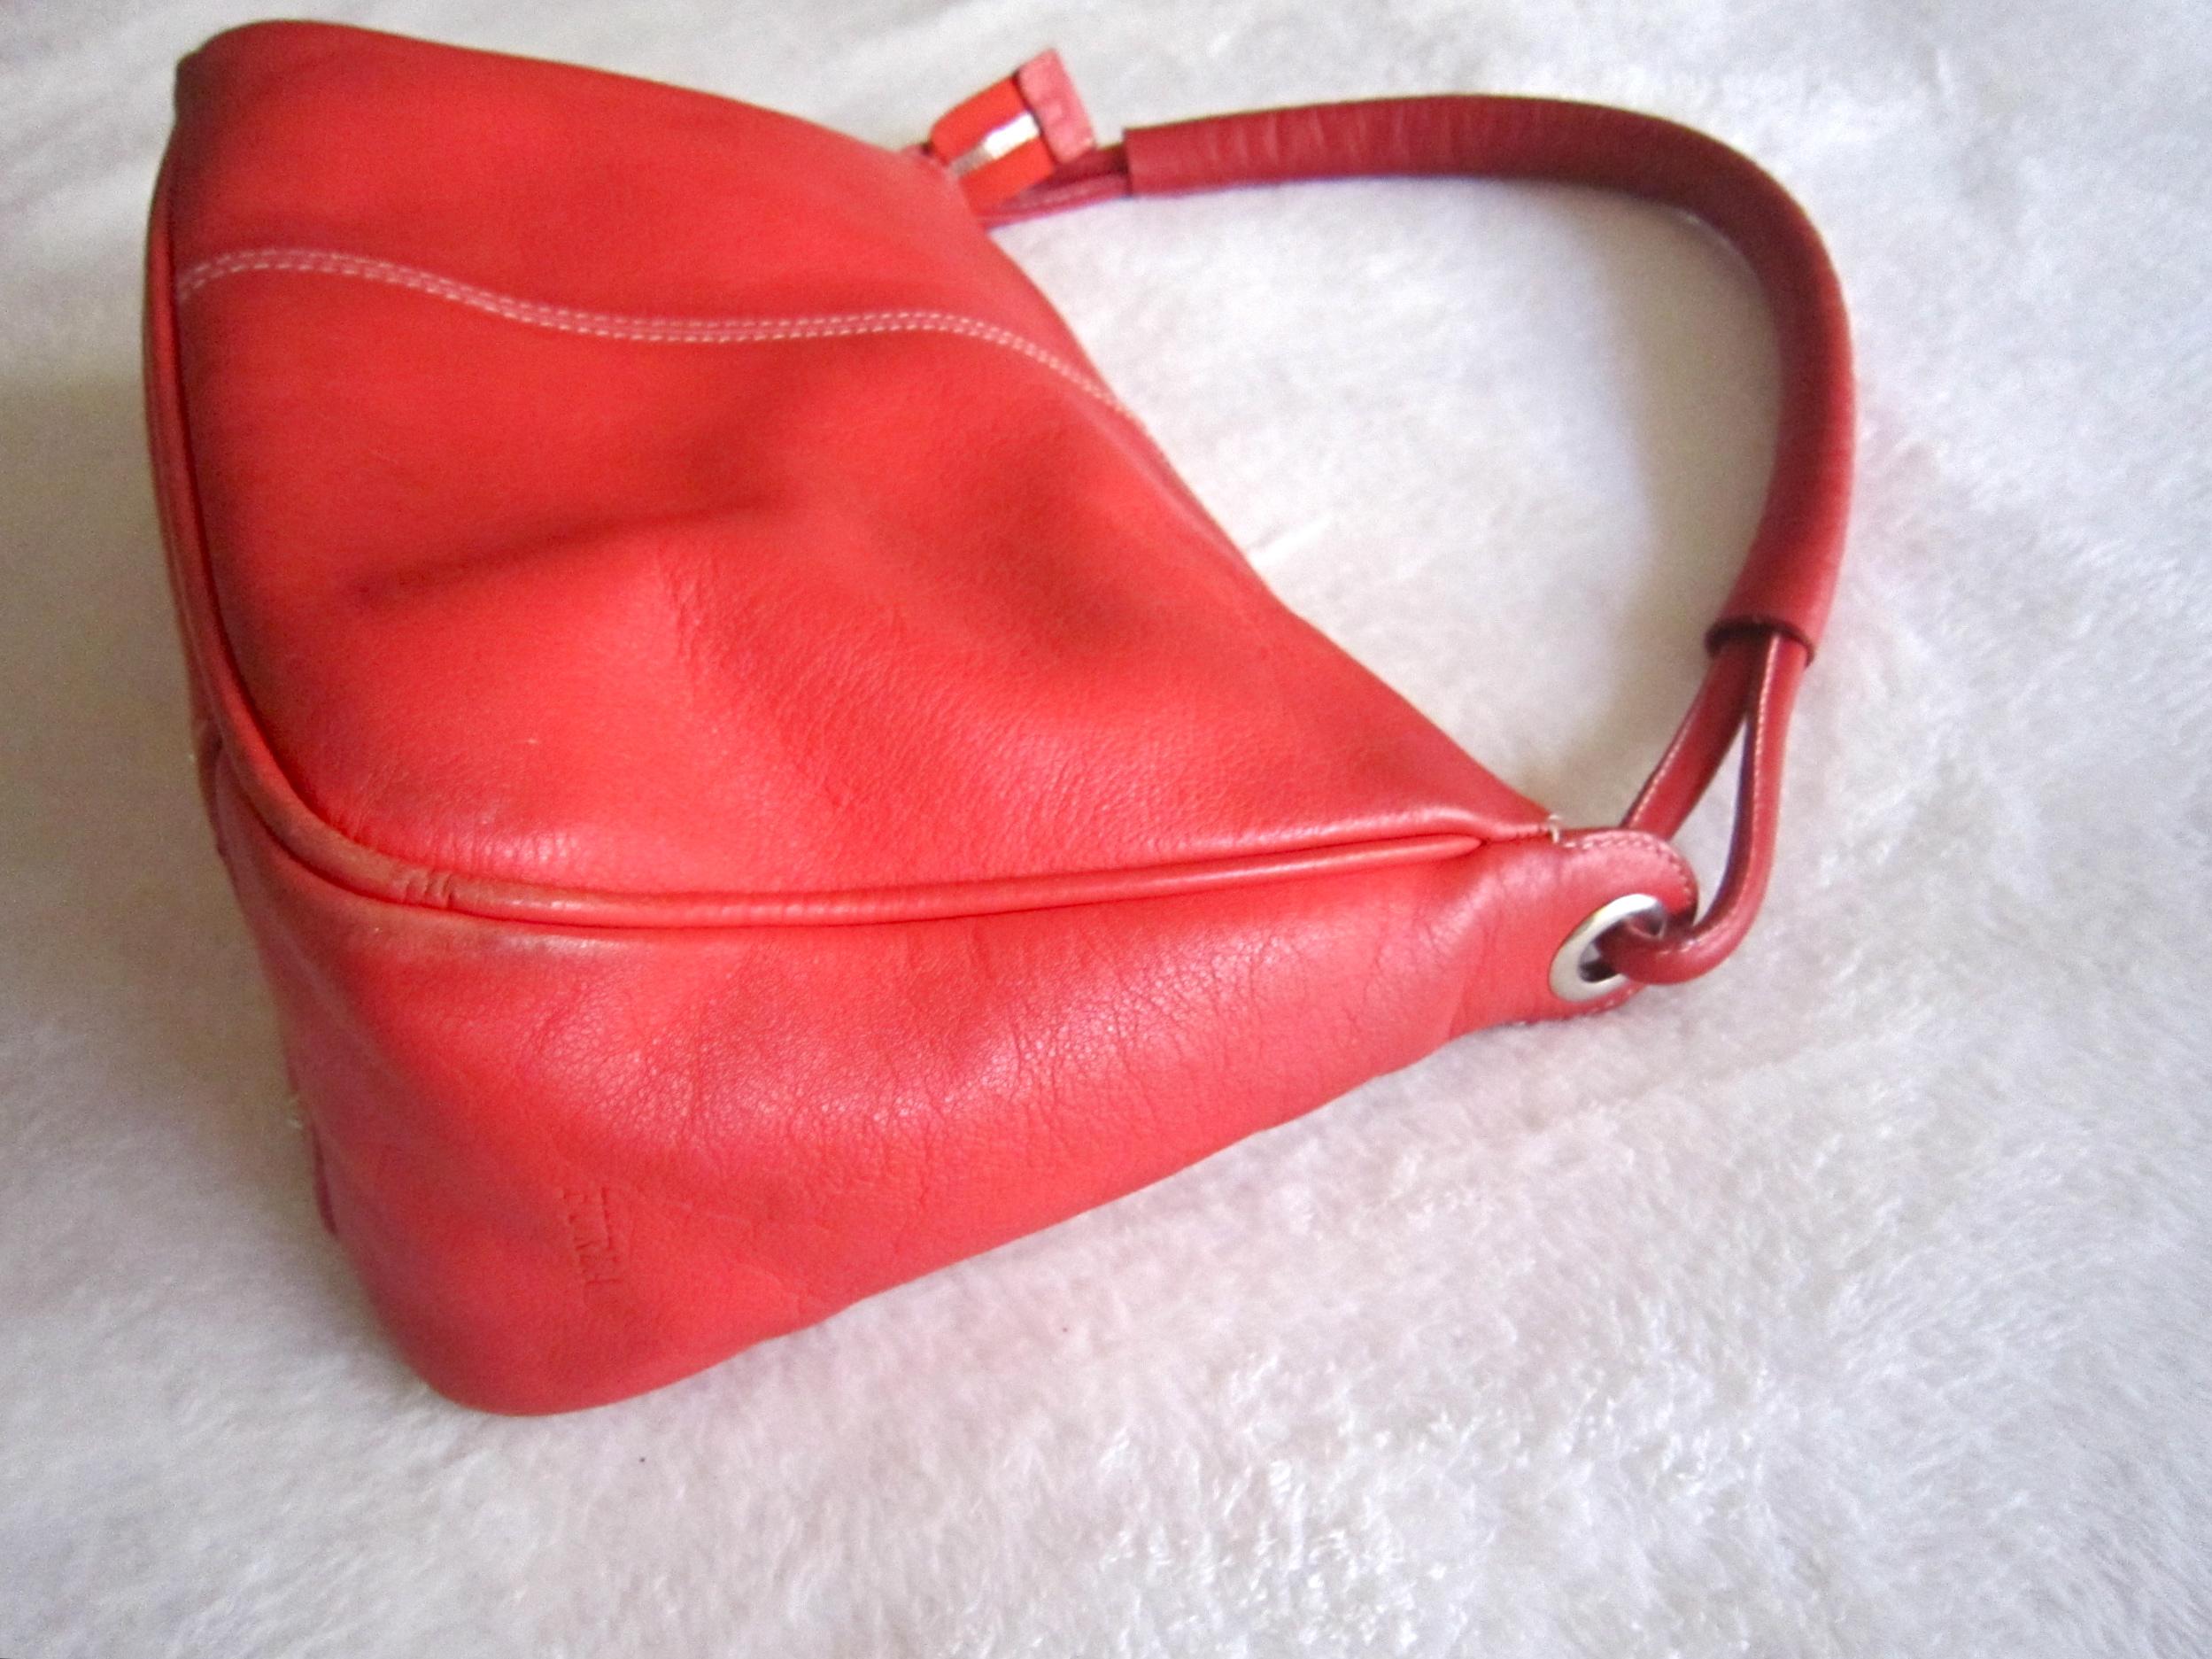 5c627af29 Furla Red Leather Shoulder Bag - Luxurylana Boutique